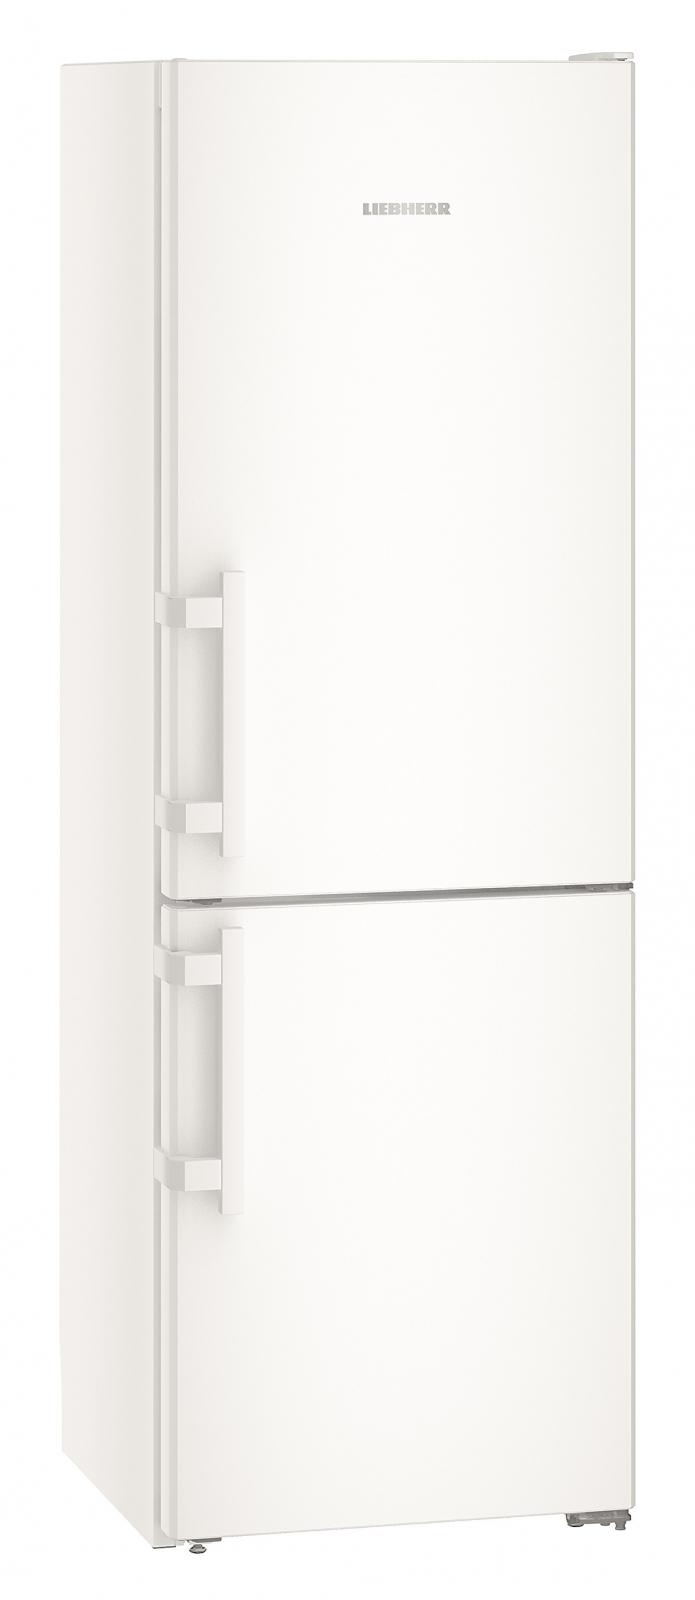 купить Двухкамерный холодильник Liebherr C 3425 Украина фото 3